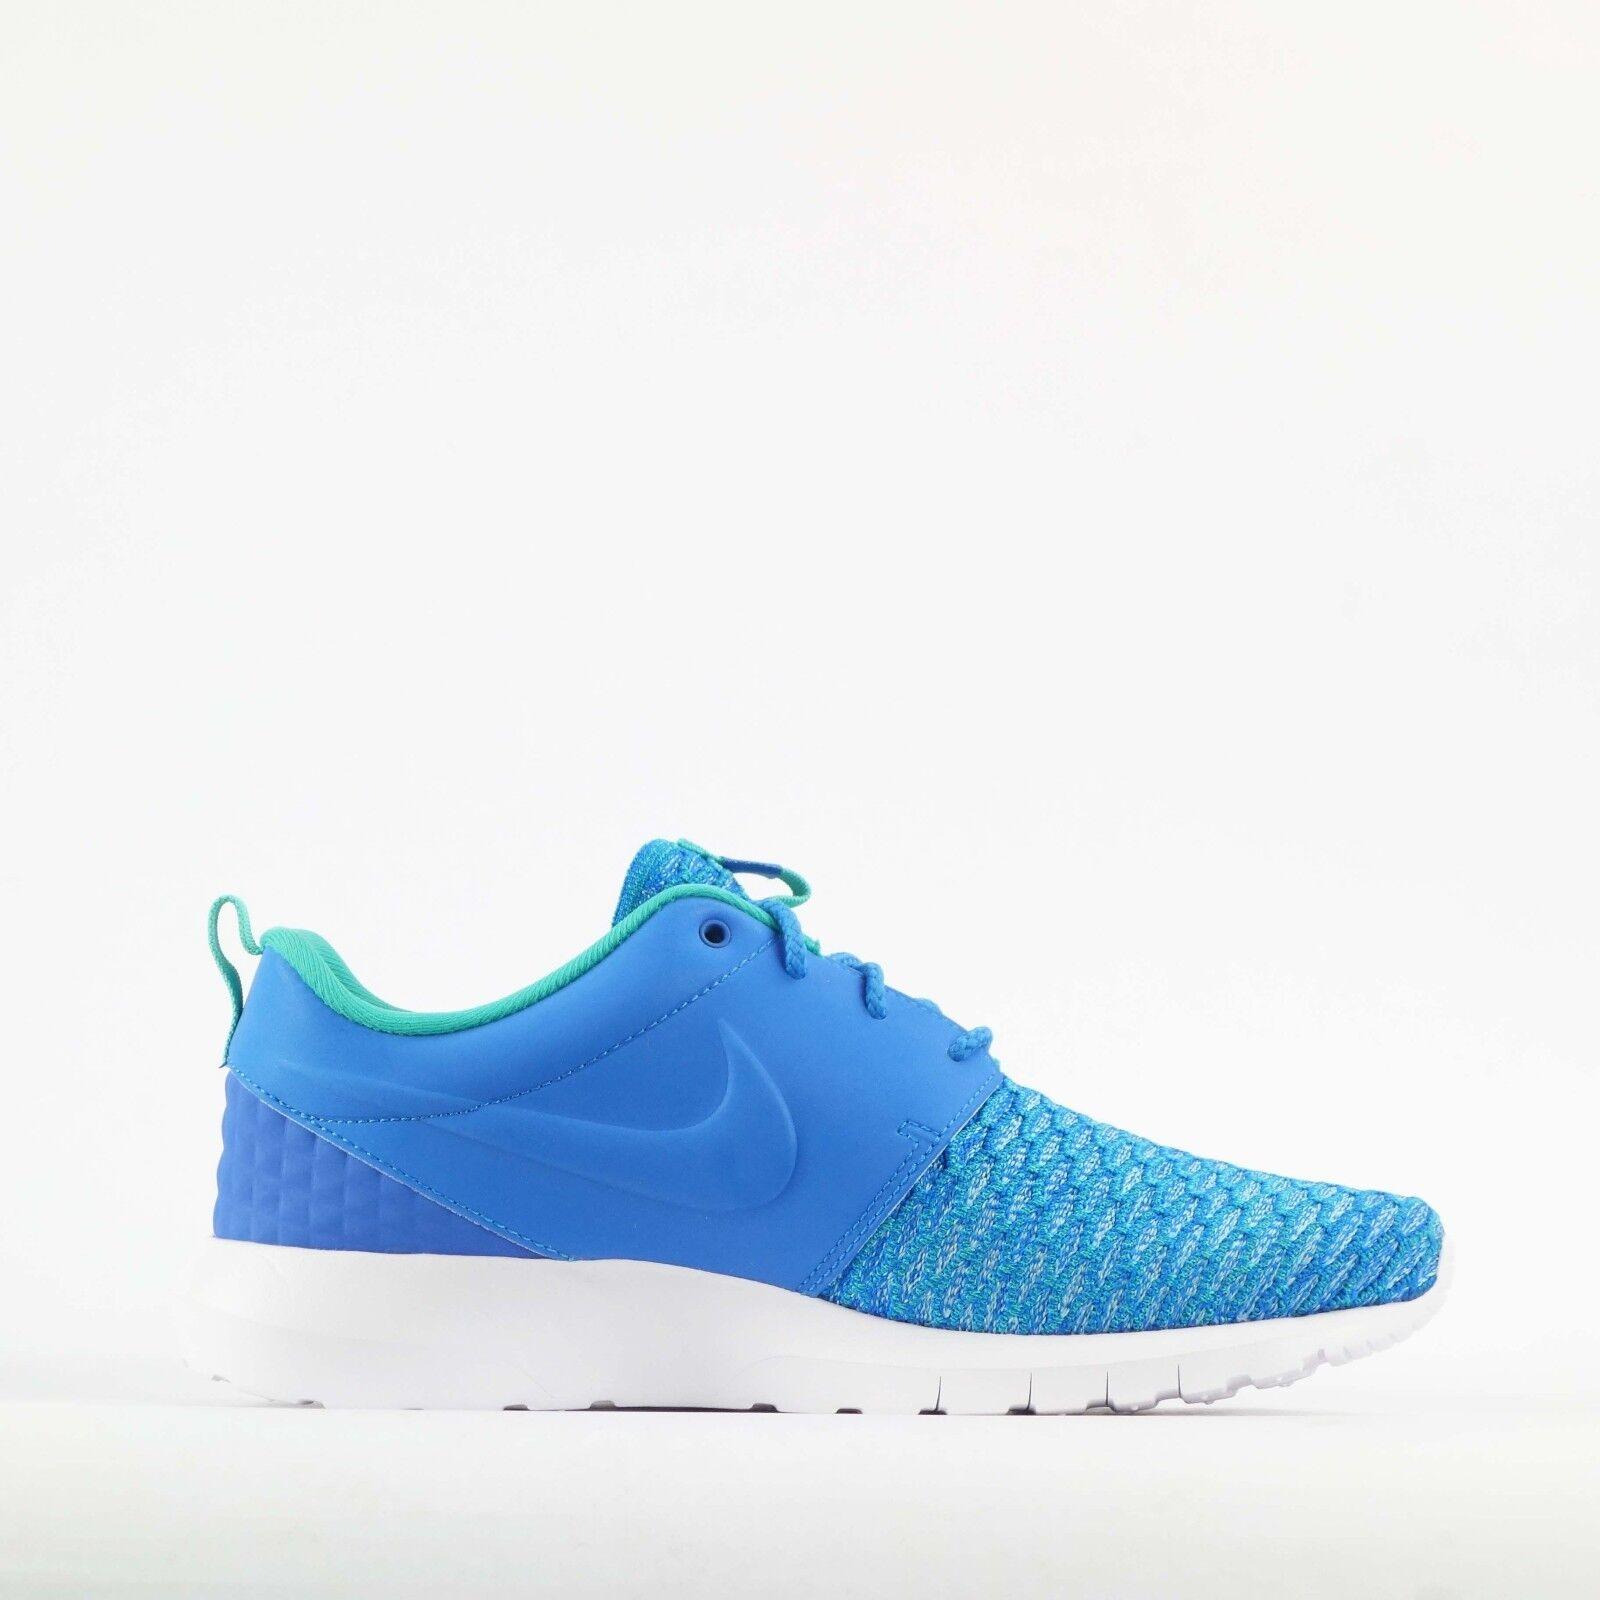 6f63bda07e097 Nike Roshe NM Flyknit PRM Rosherun Blue Mens Running Shoes 746825-400 UK  7.5